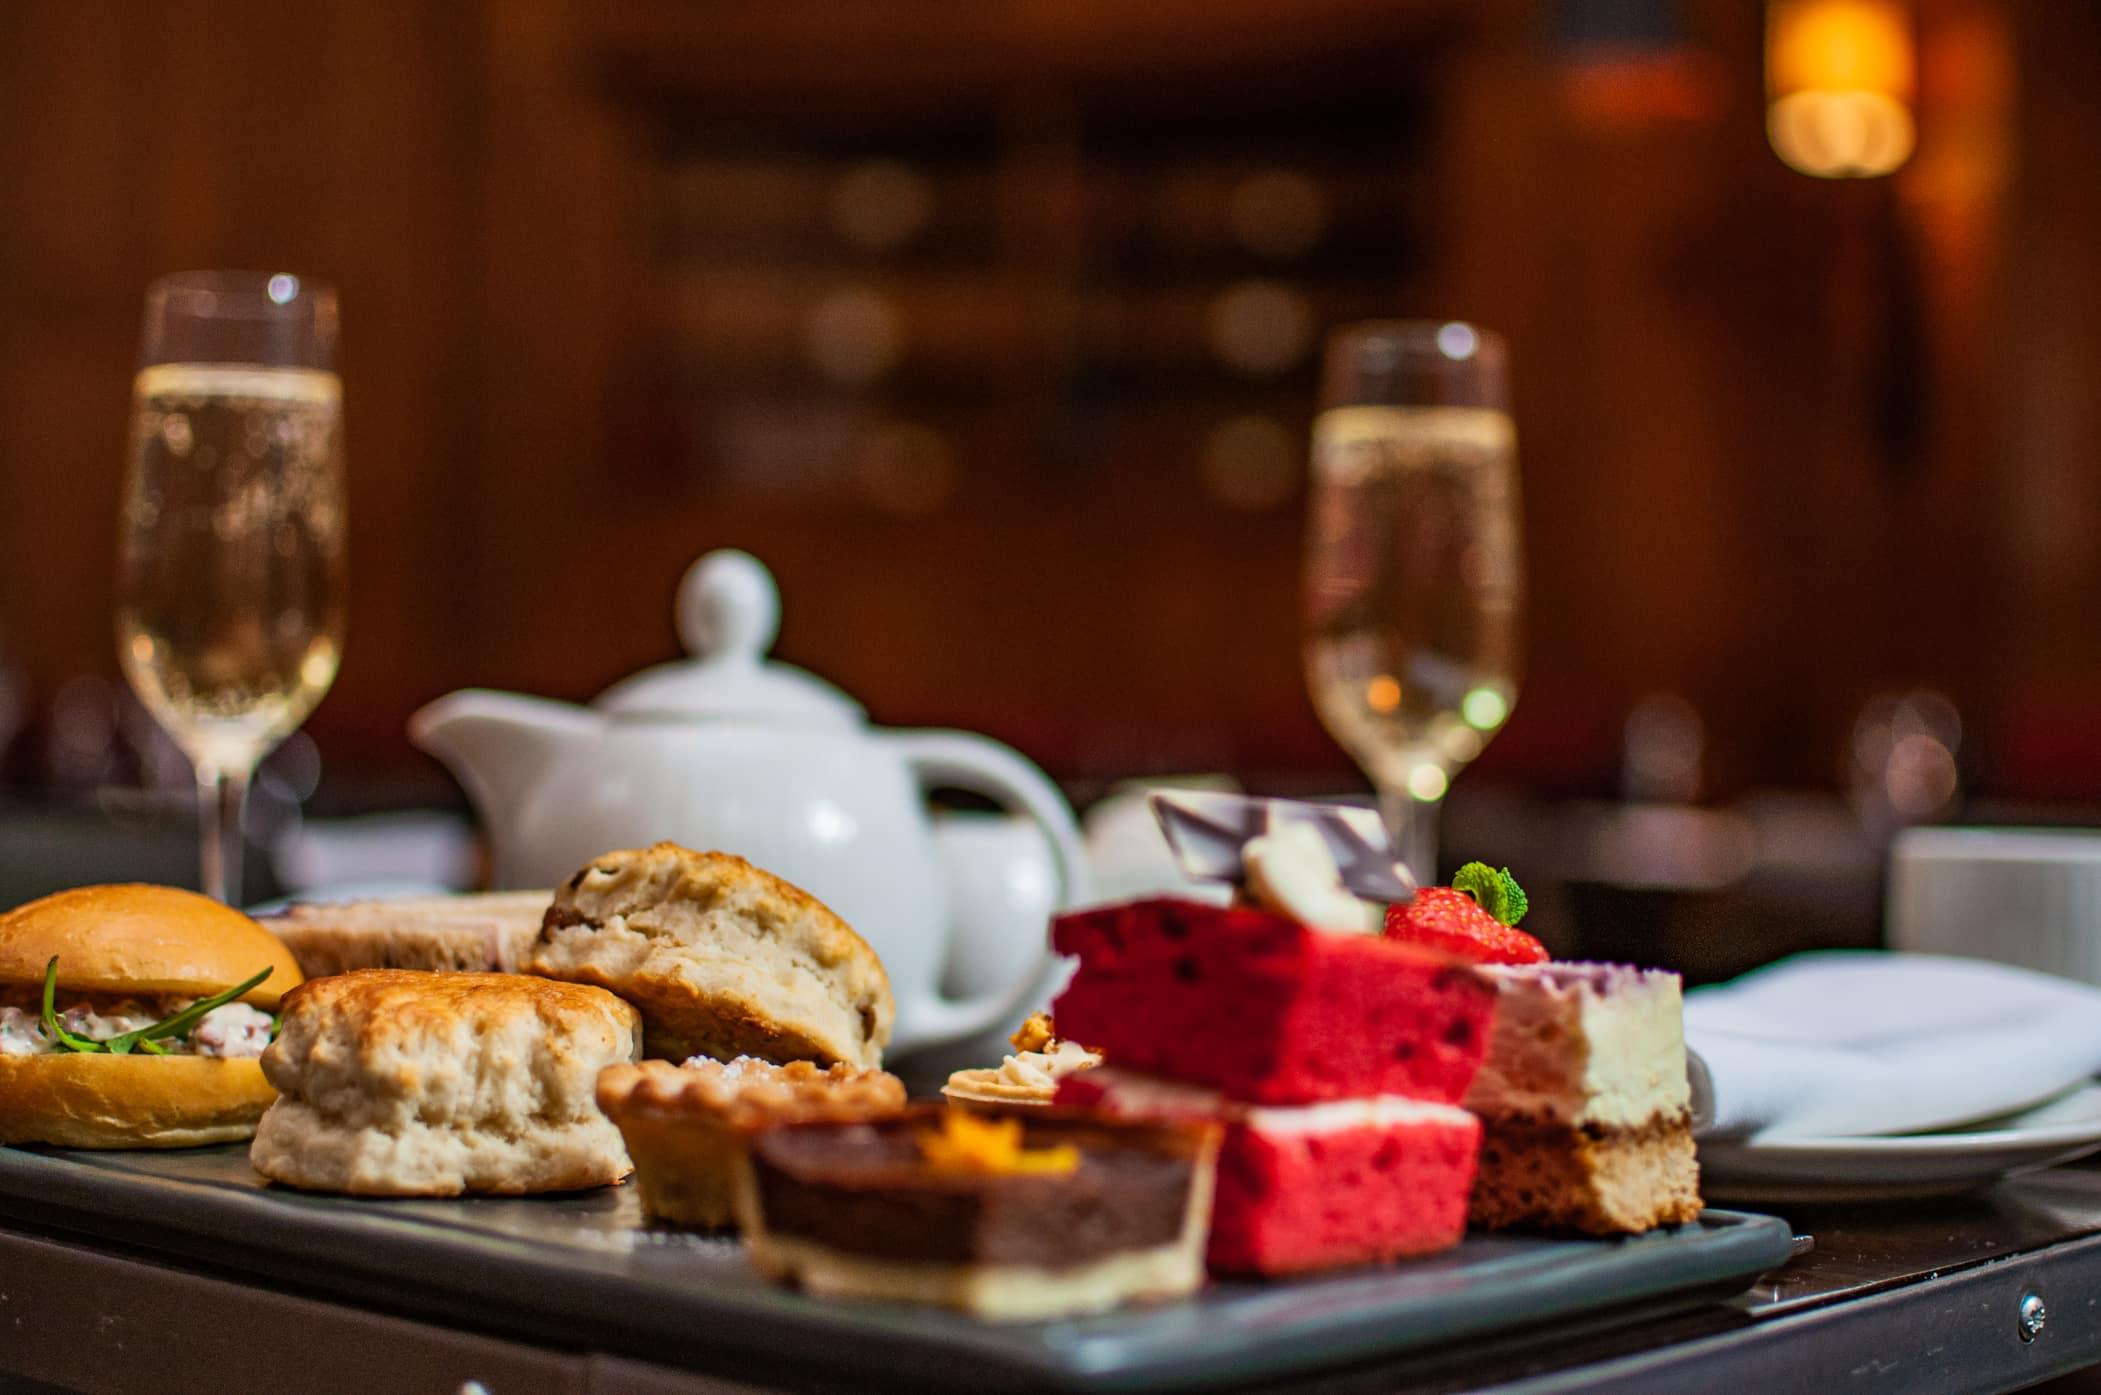 Luxury London afternoon tea